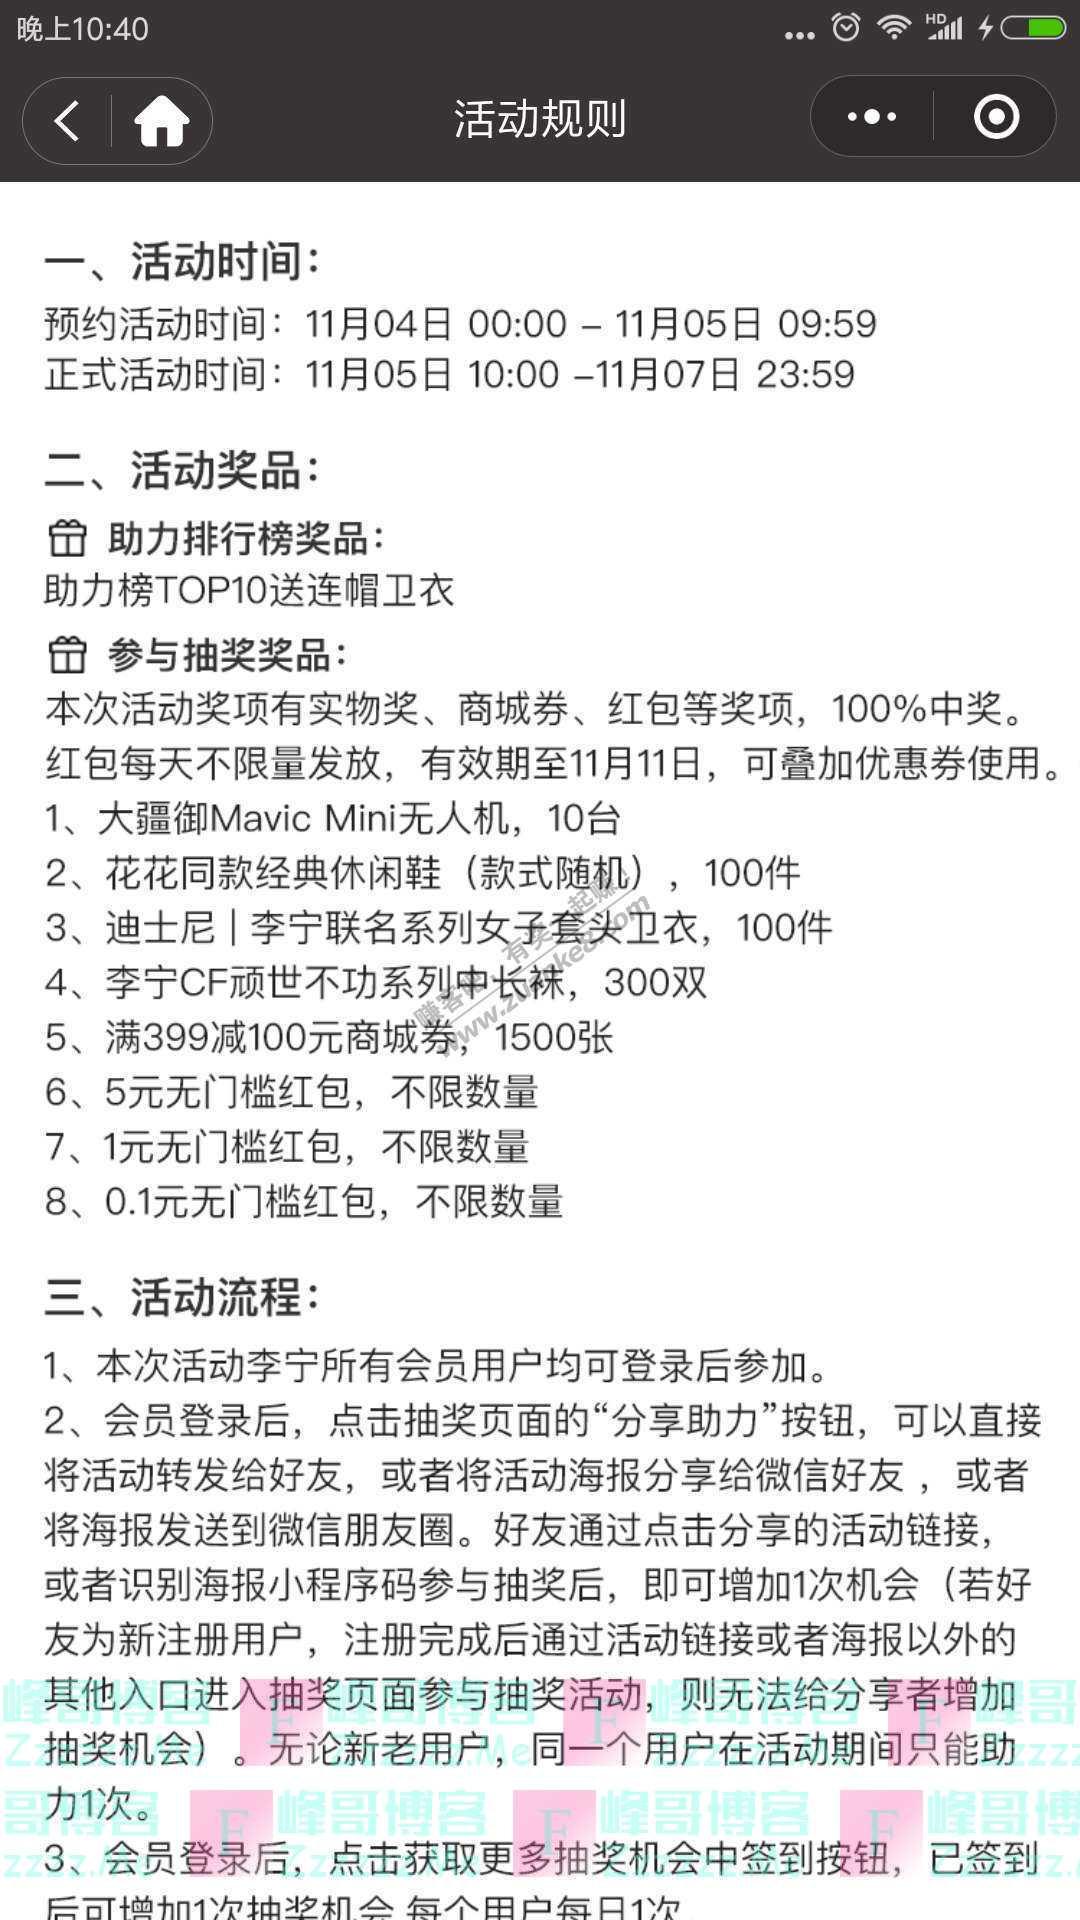 李宁官方旗舰店助力11.11狂欢季百万红包大疆无人机统统带回家(截止11月7日)